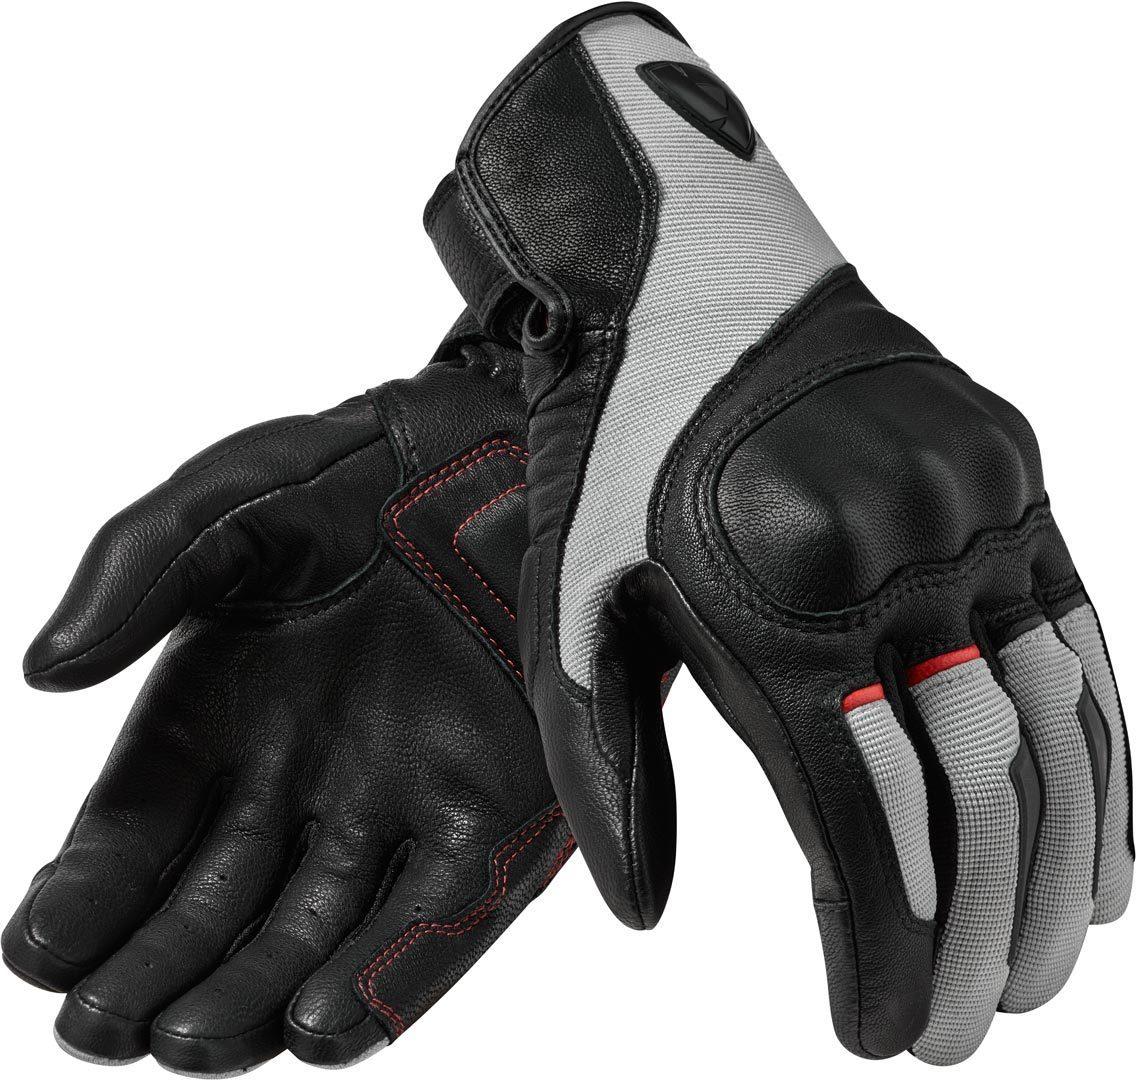 Revit Titan Motorradhandschuhe, schwarz-grau, Größe S, schwarz-grau, Größe S